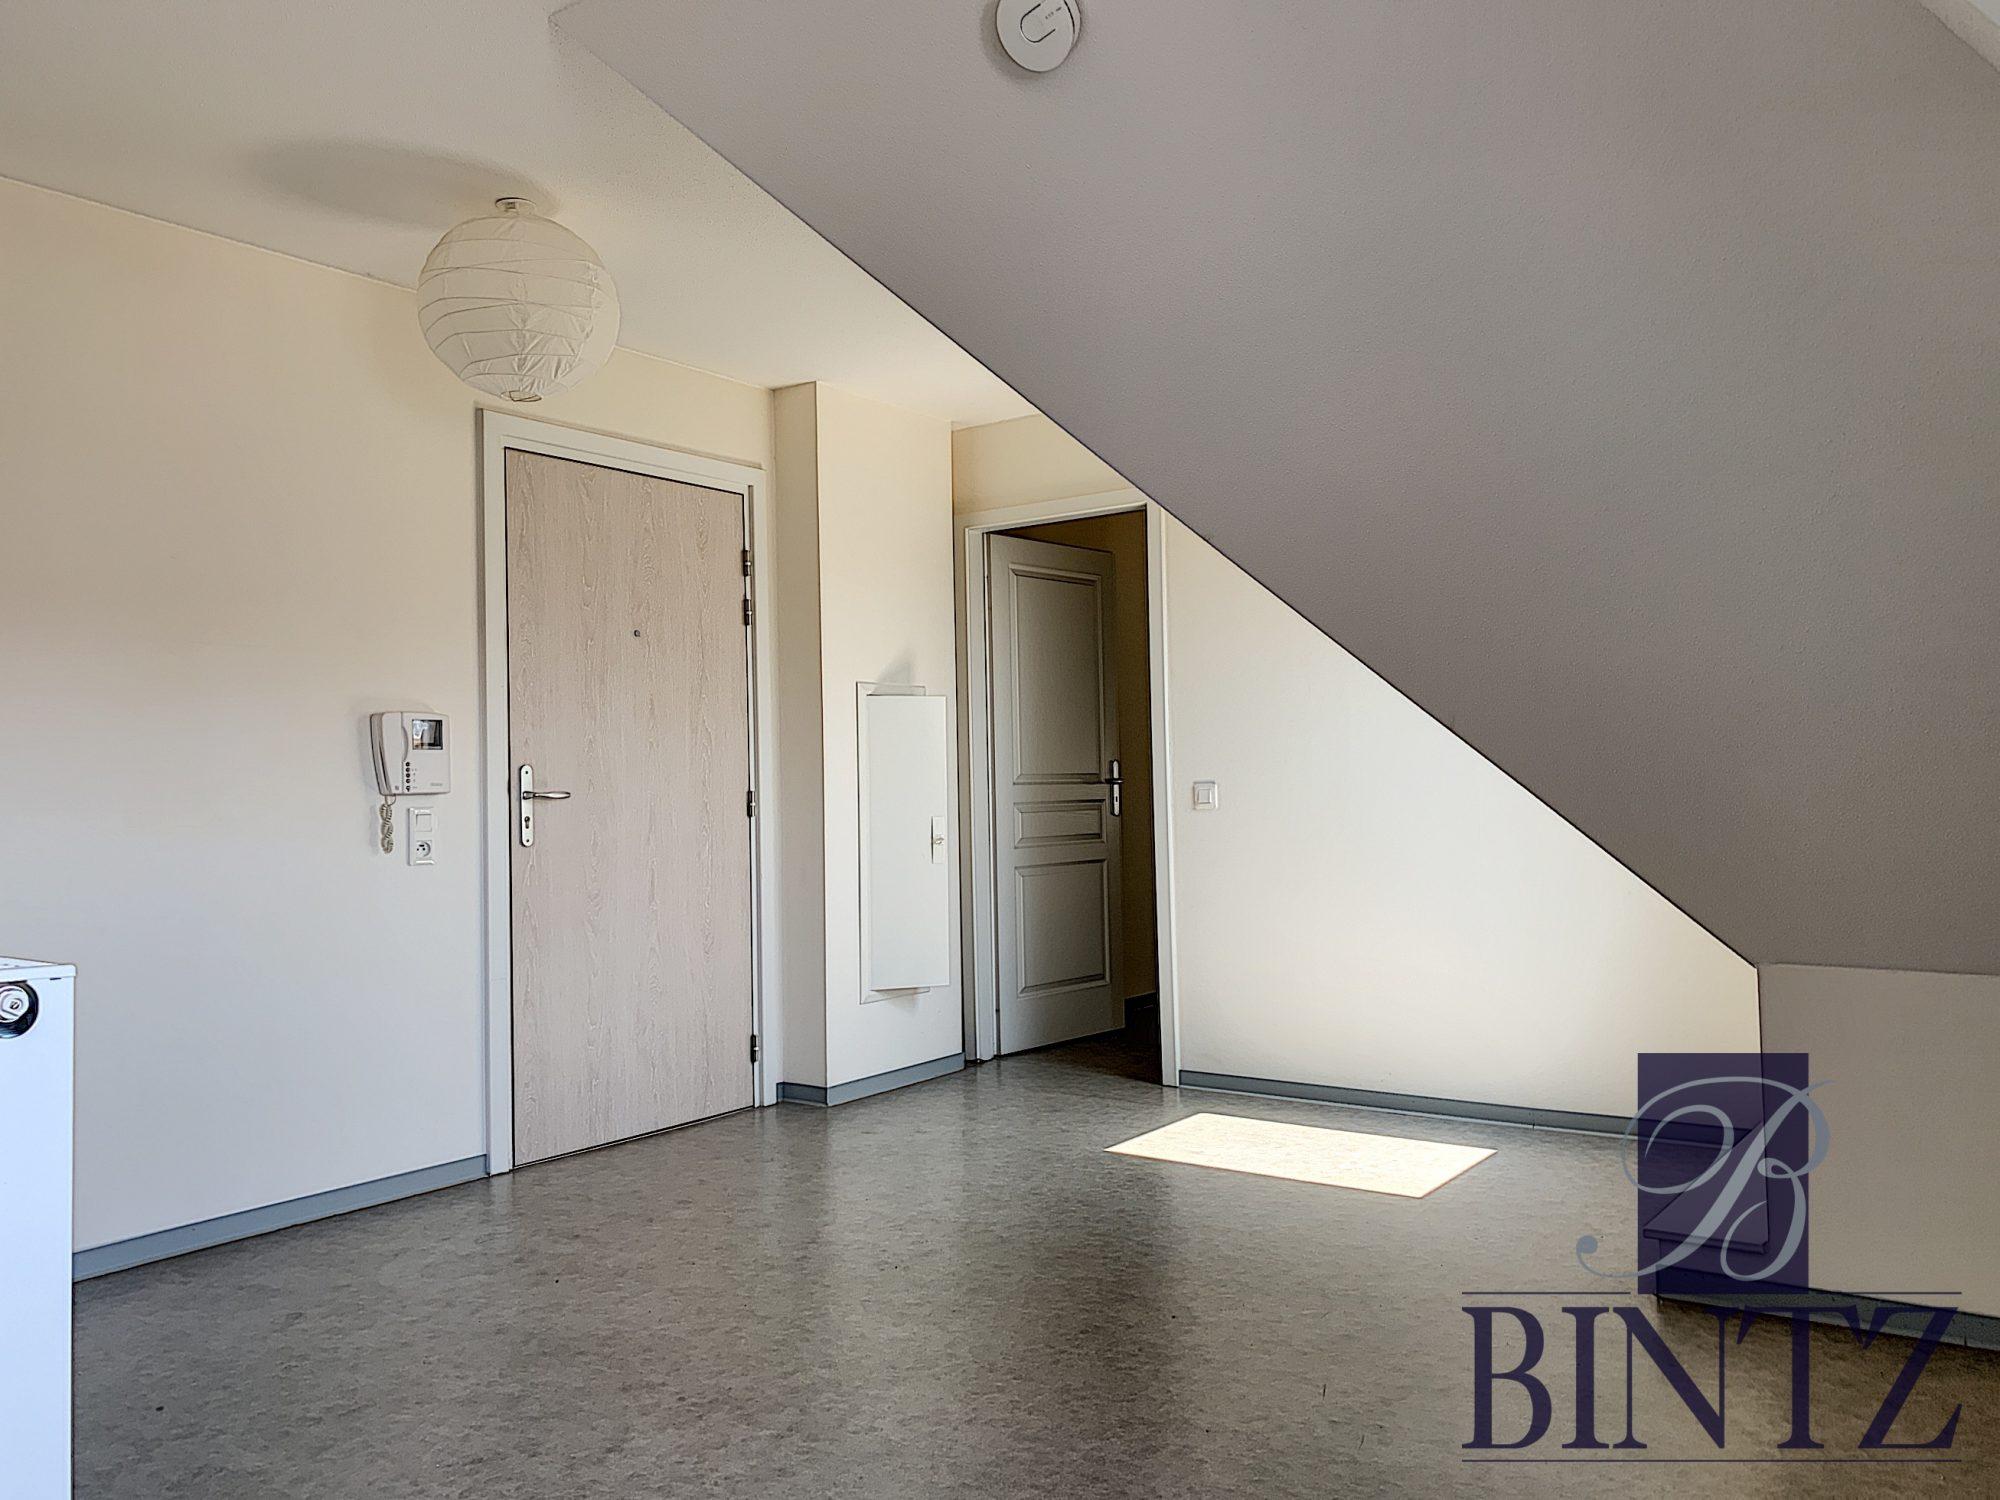 2 PIÈCES AVEC PARKING SCHILTIGHEIM - Devenez locataire en toute sérénité - Bintz Immobilier - 1